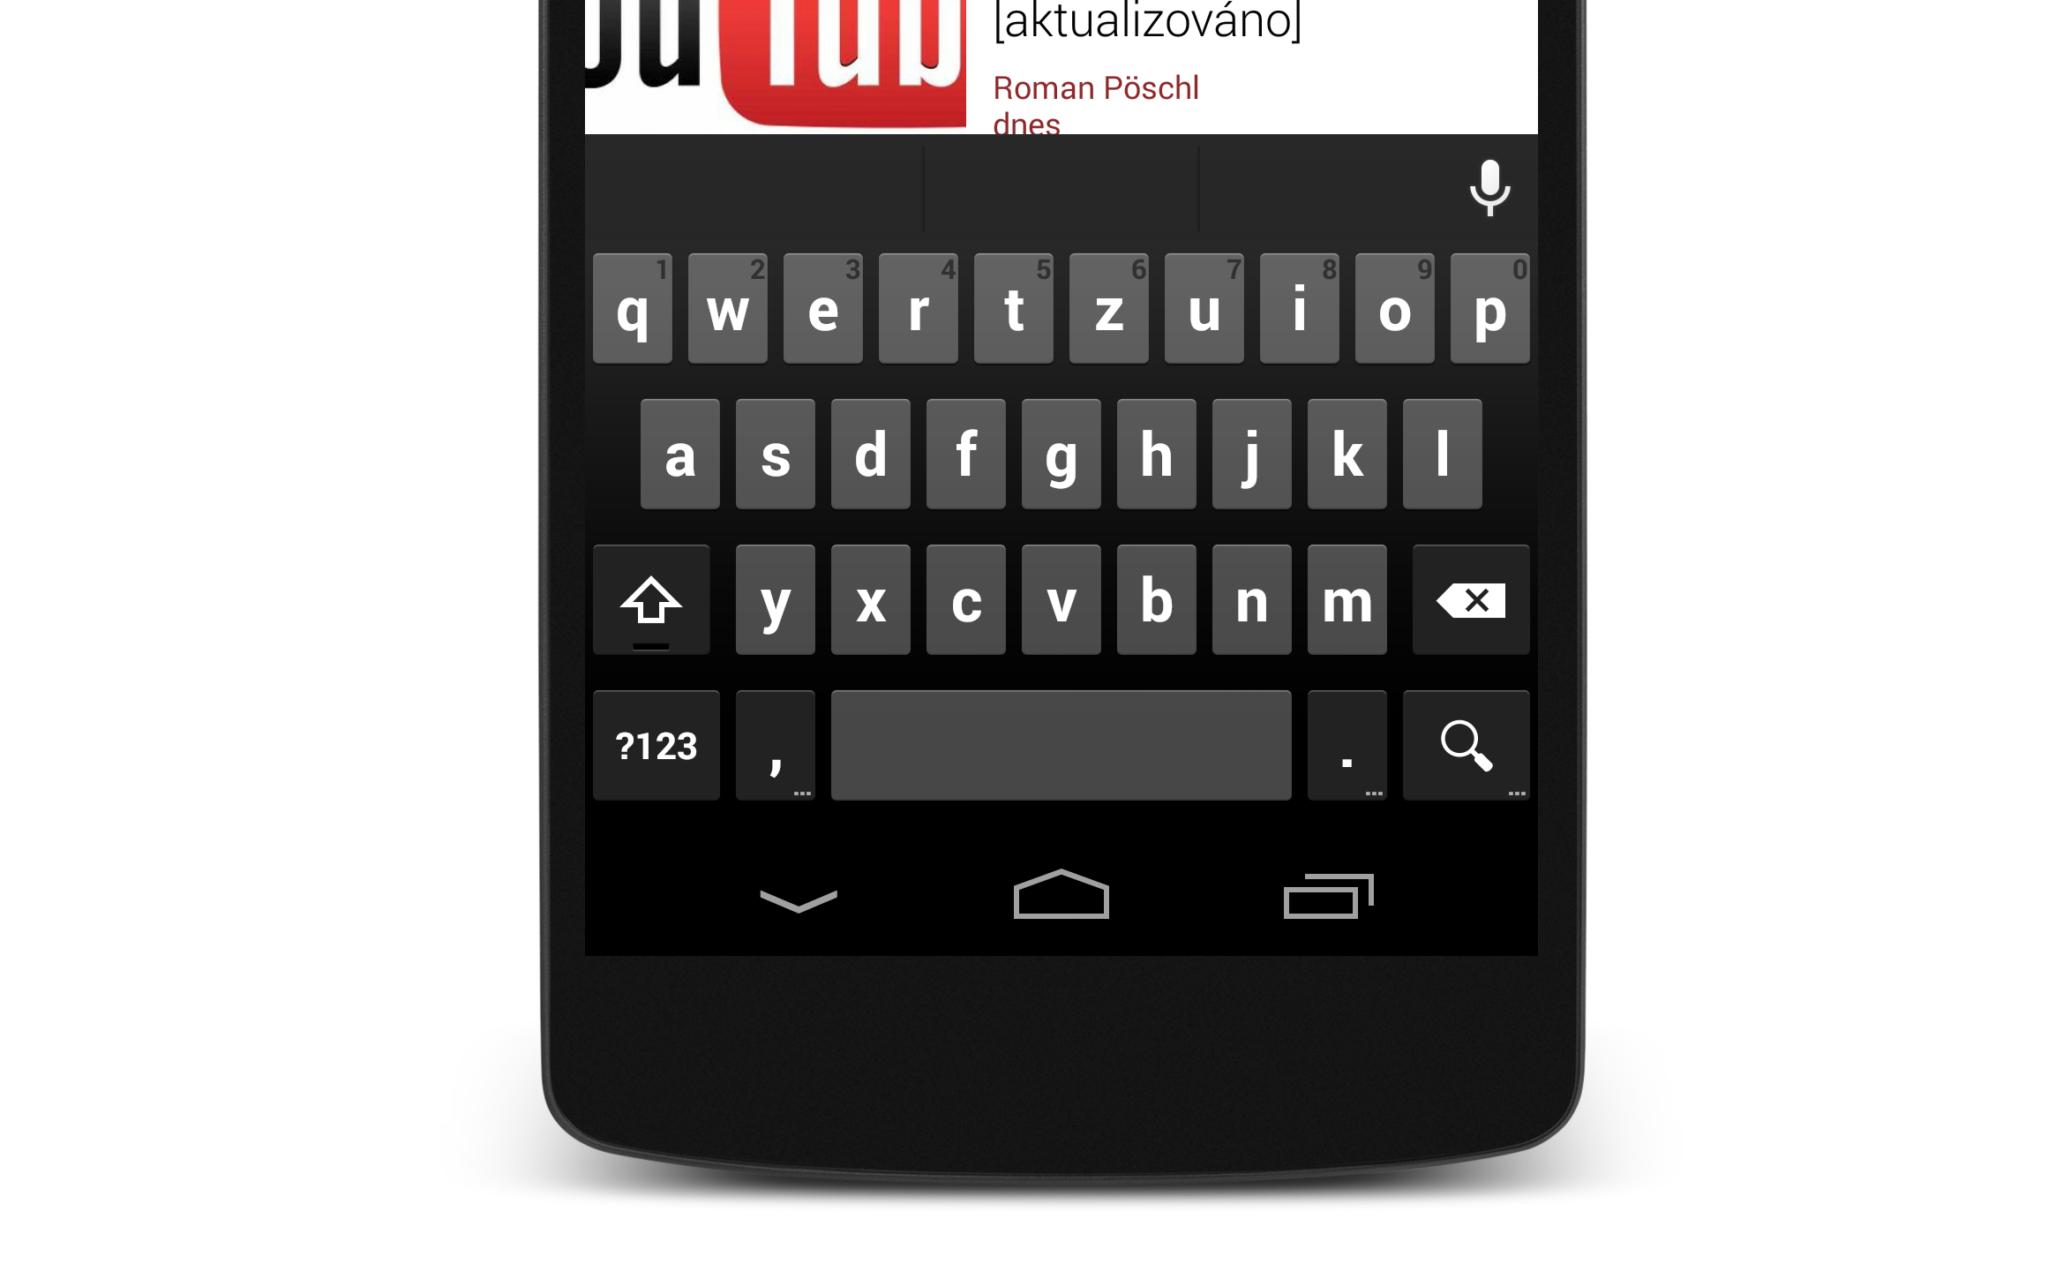 Klávesnice Google – aktualizace přináší drobné změny